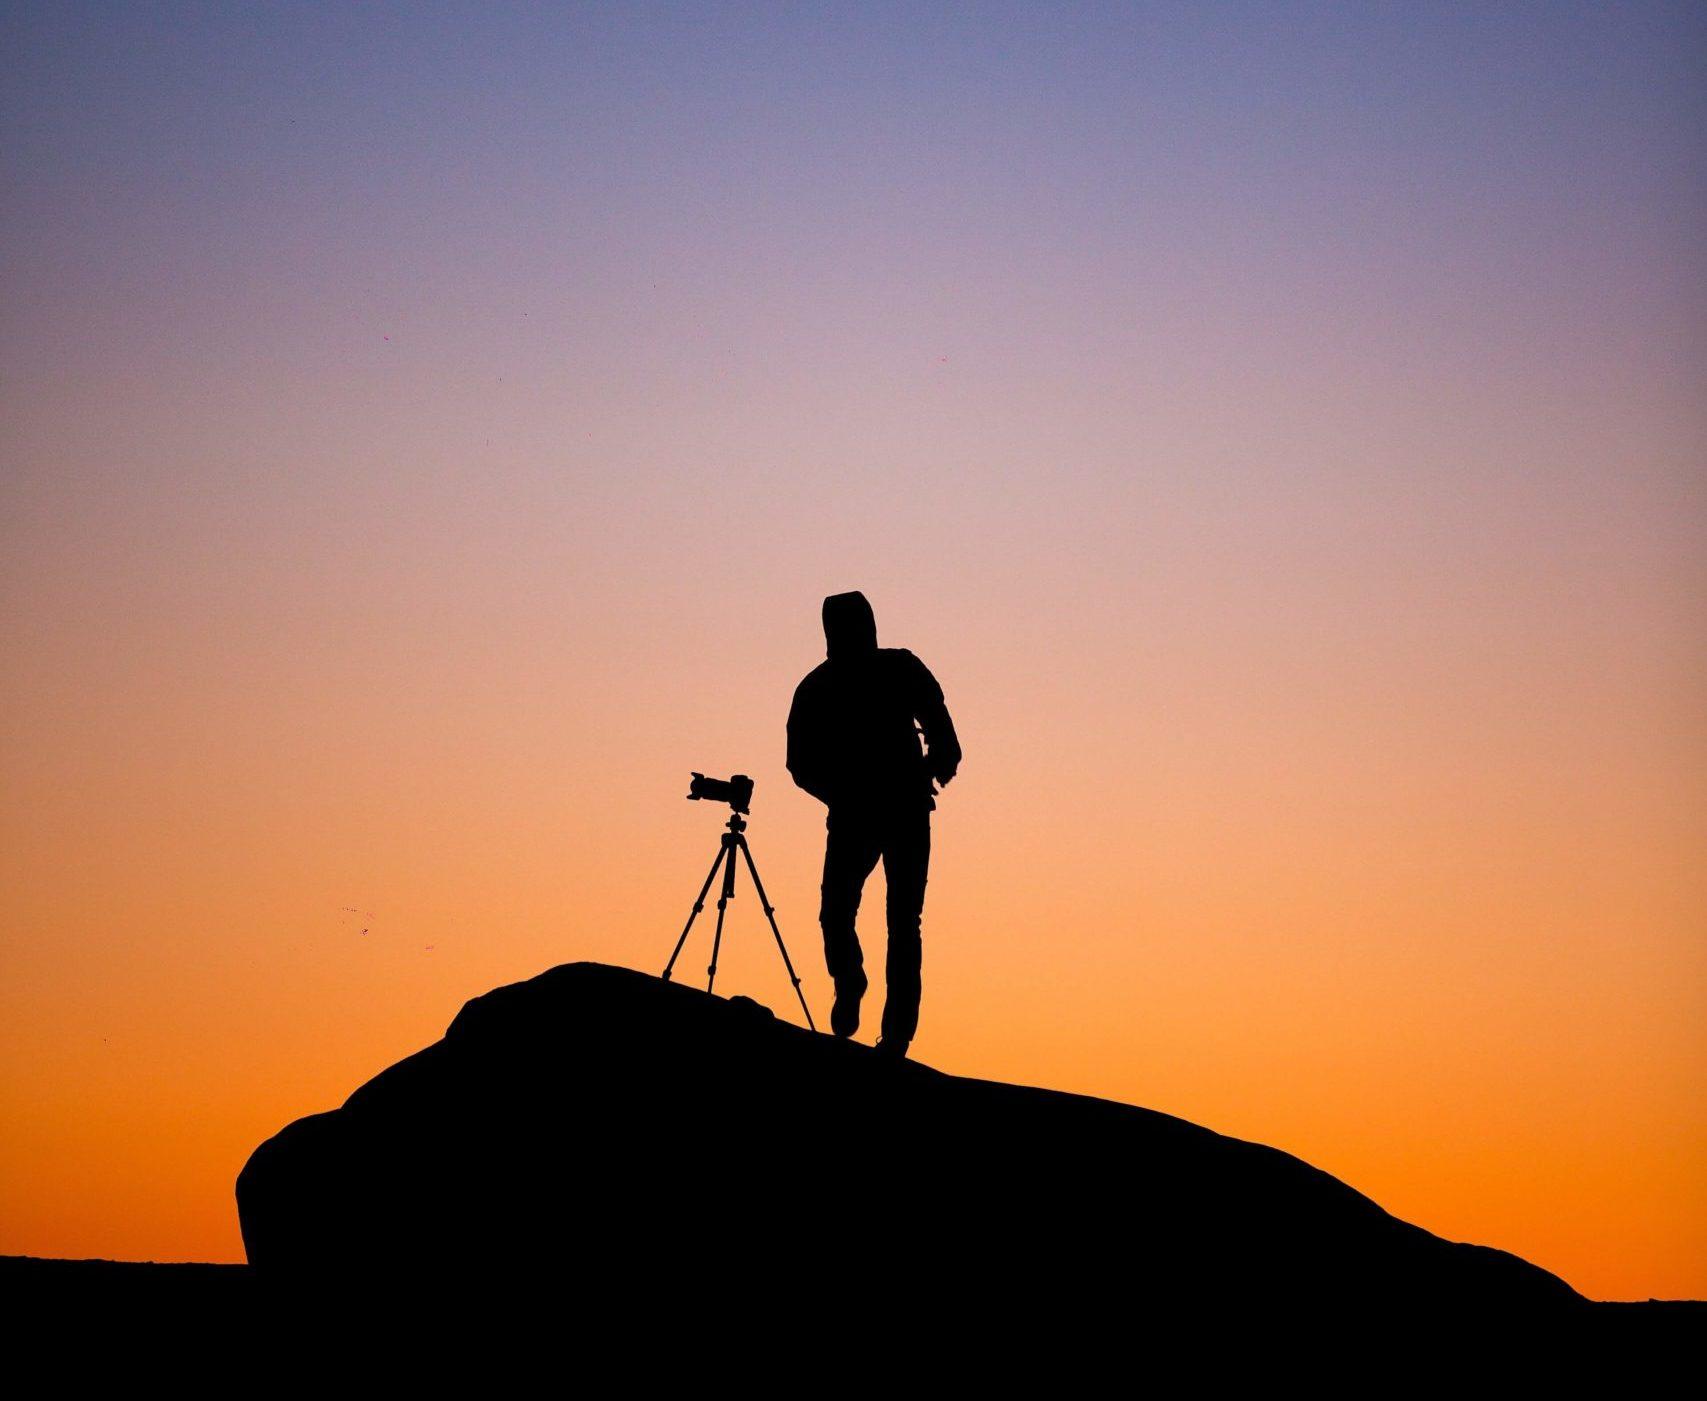 映像クリエイターに独学でなる方法 僕の独学方法を教えます!